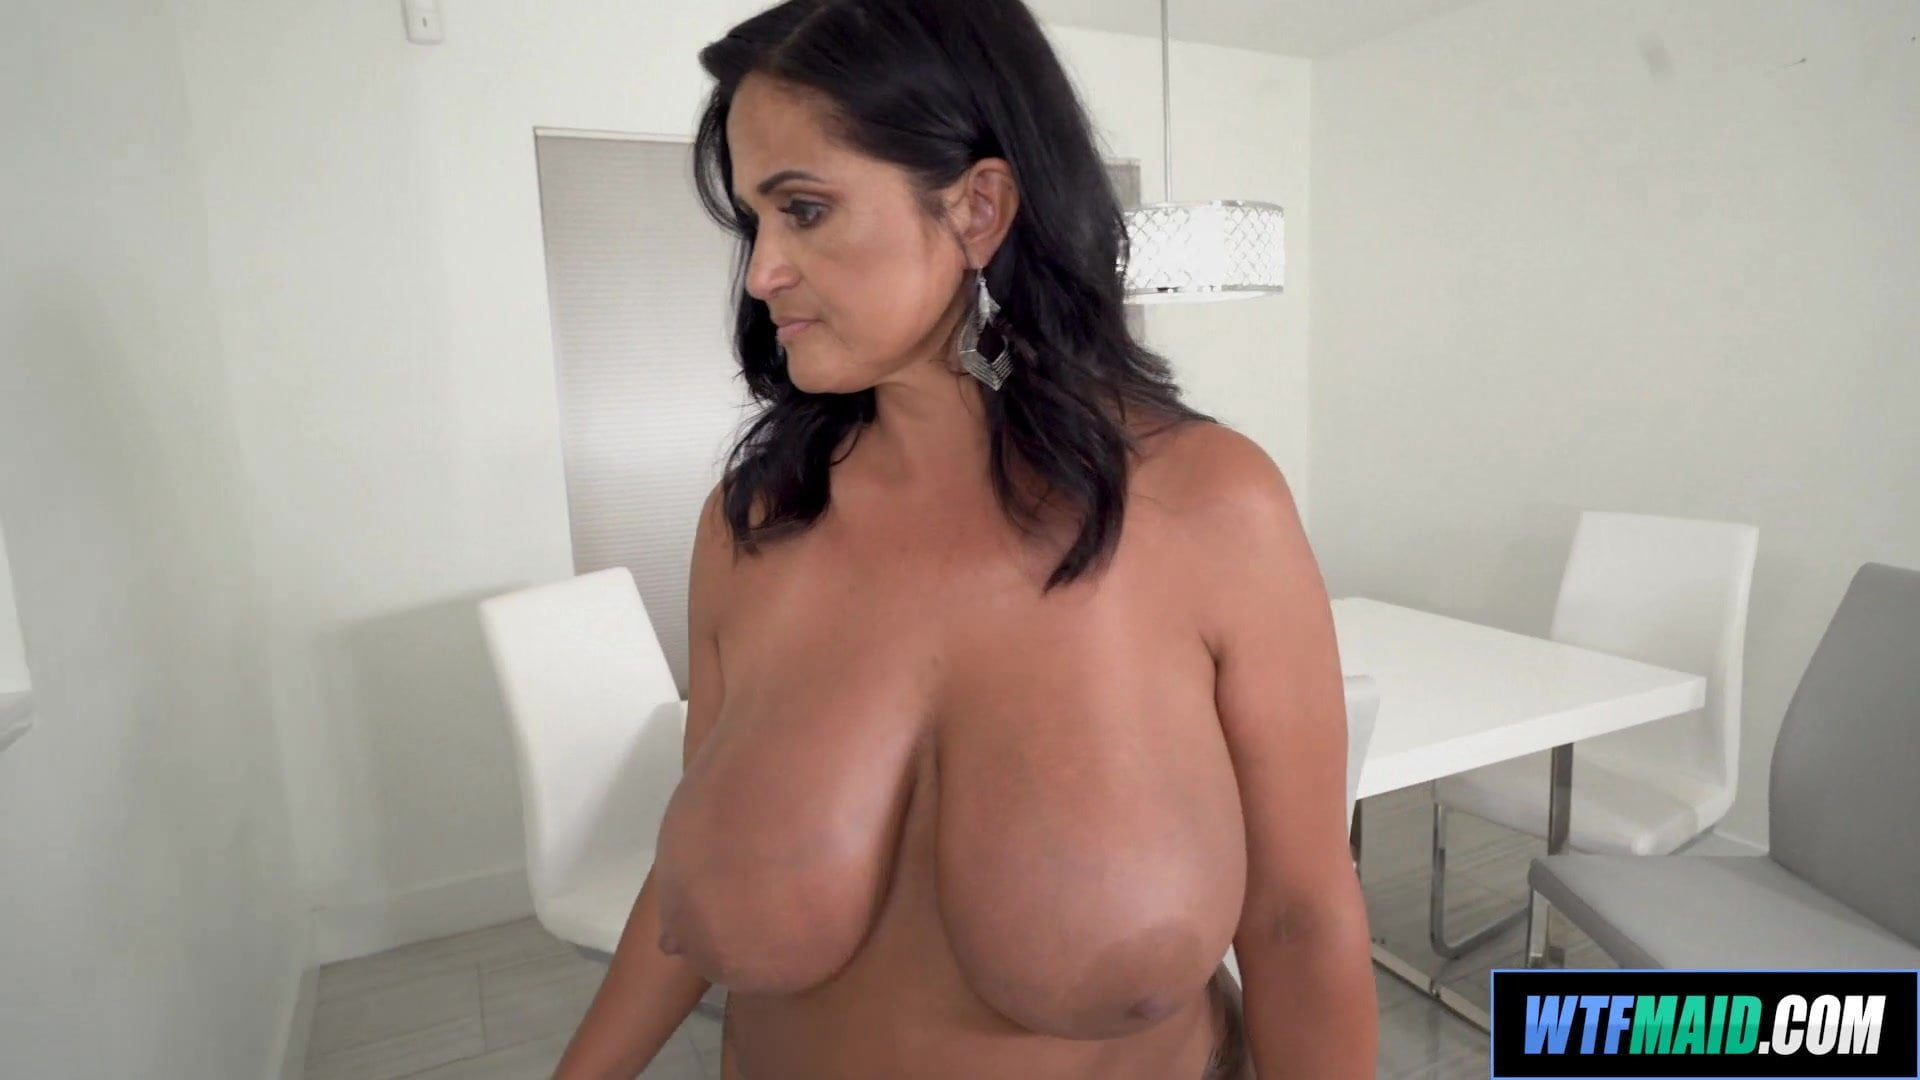 Latina Maid Porn